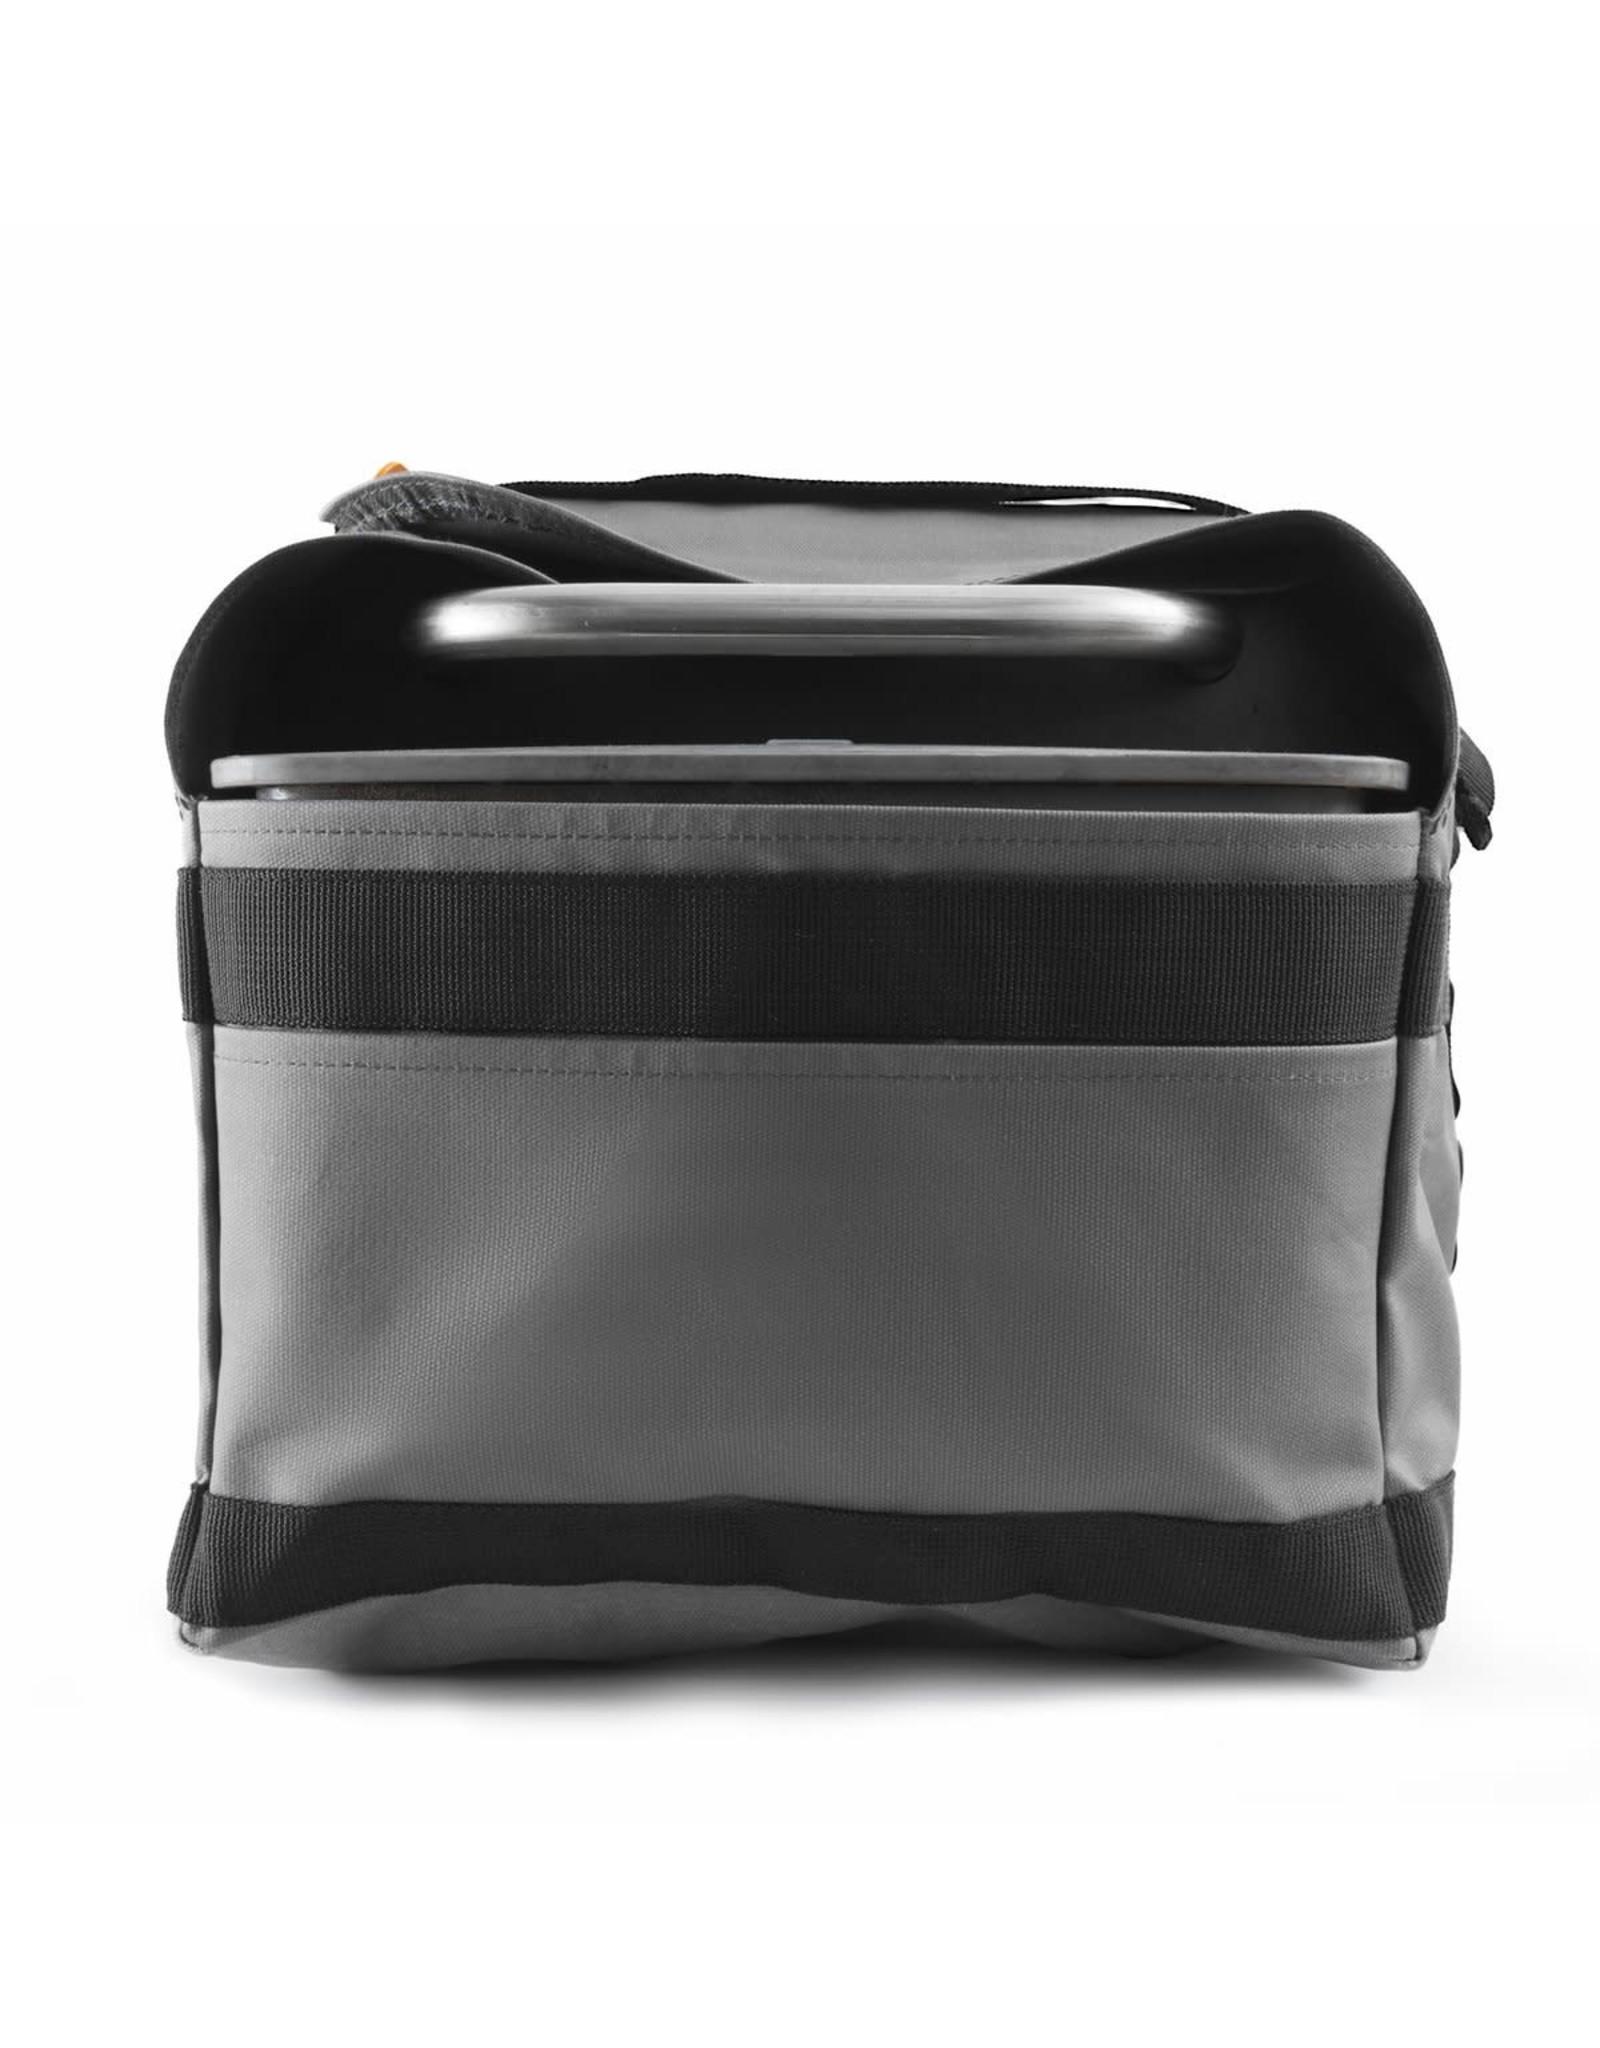 BioLite Firepit Carry Bag